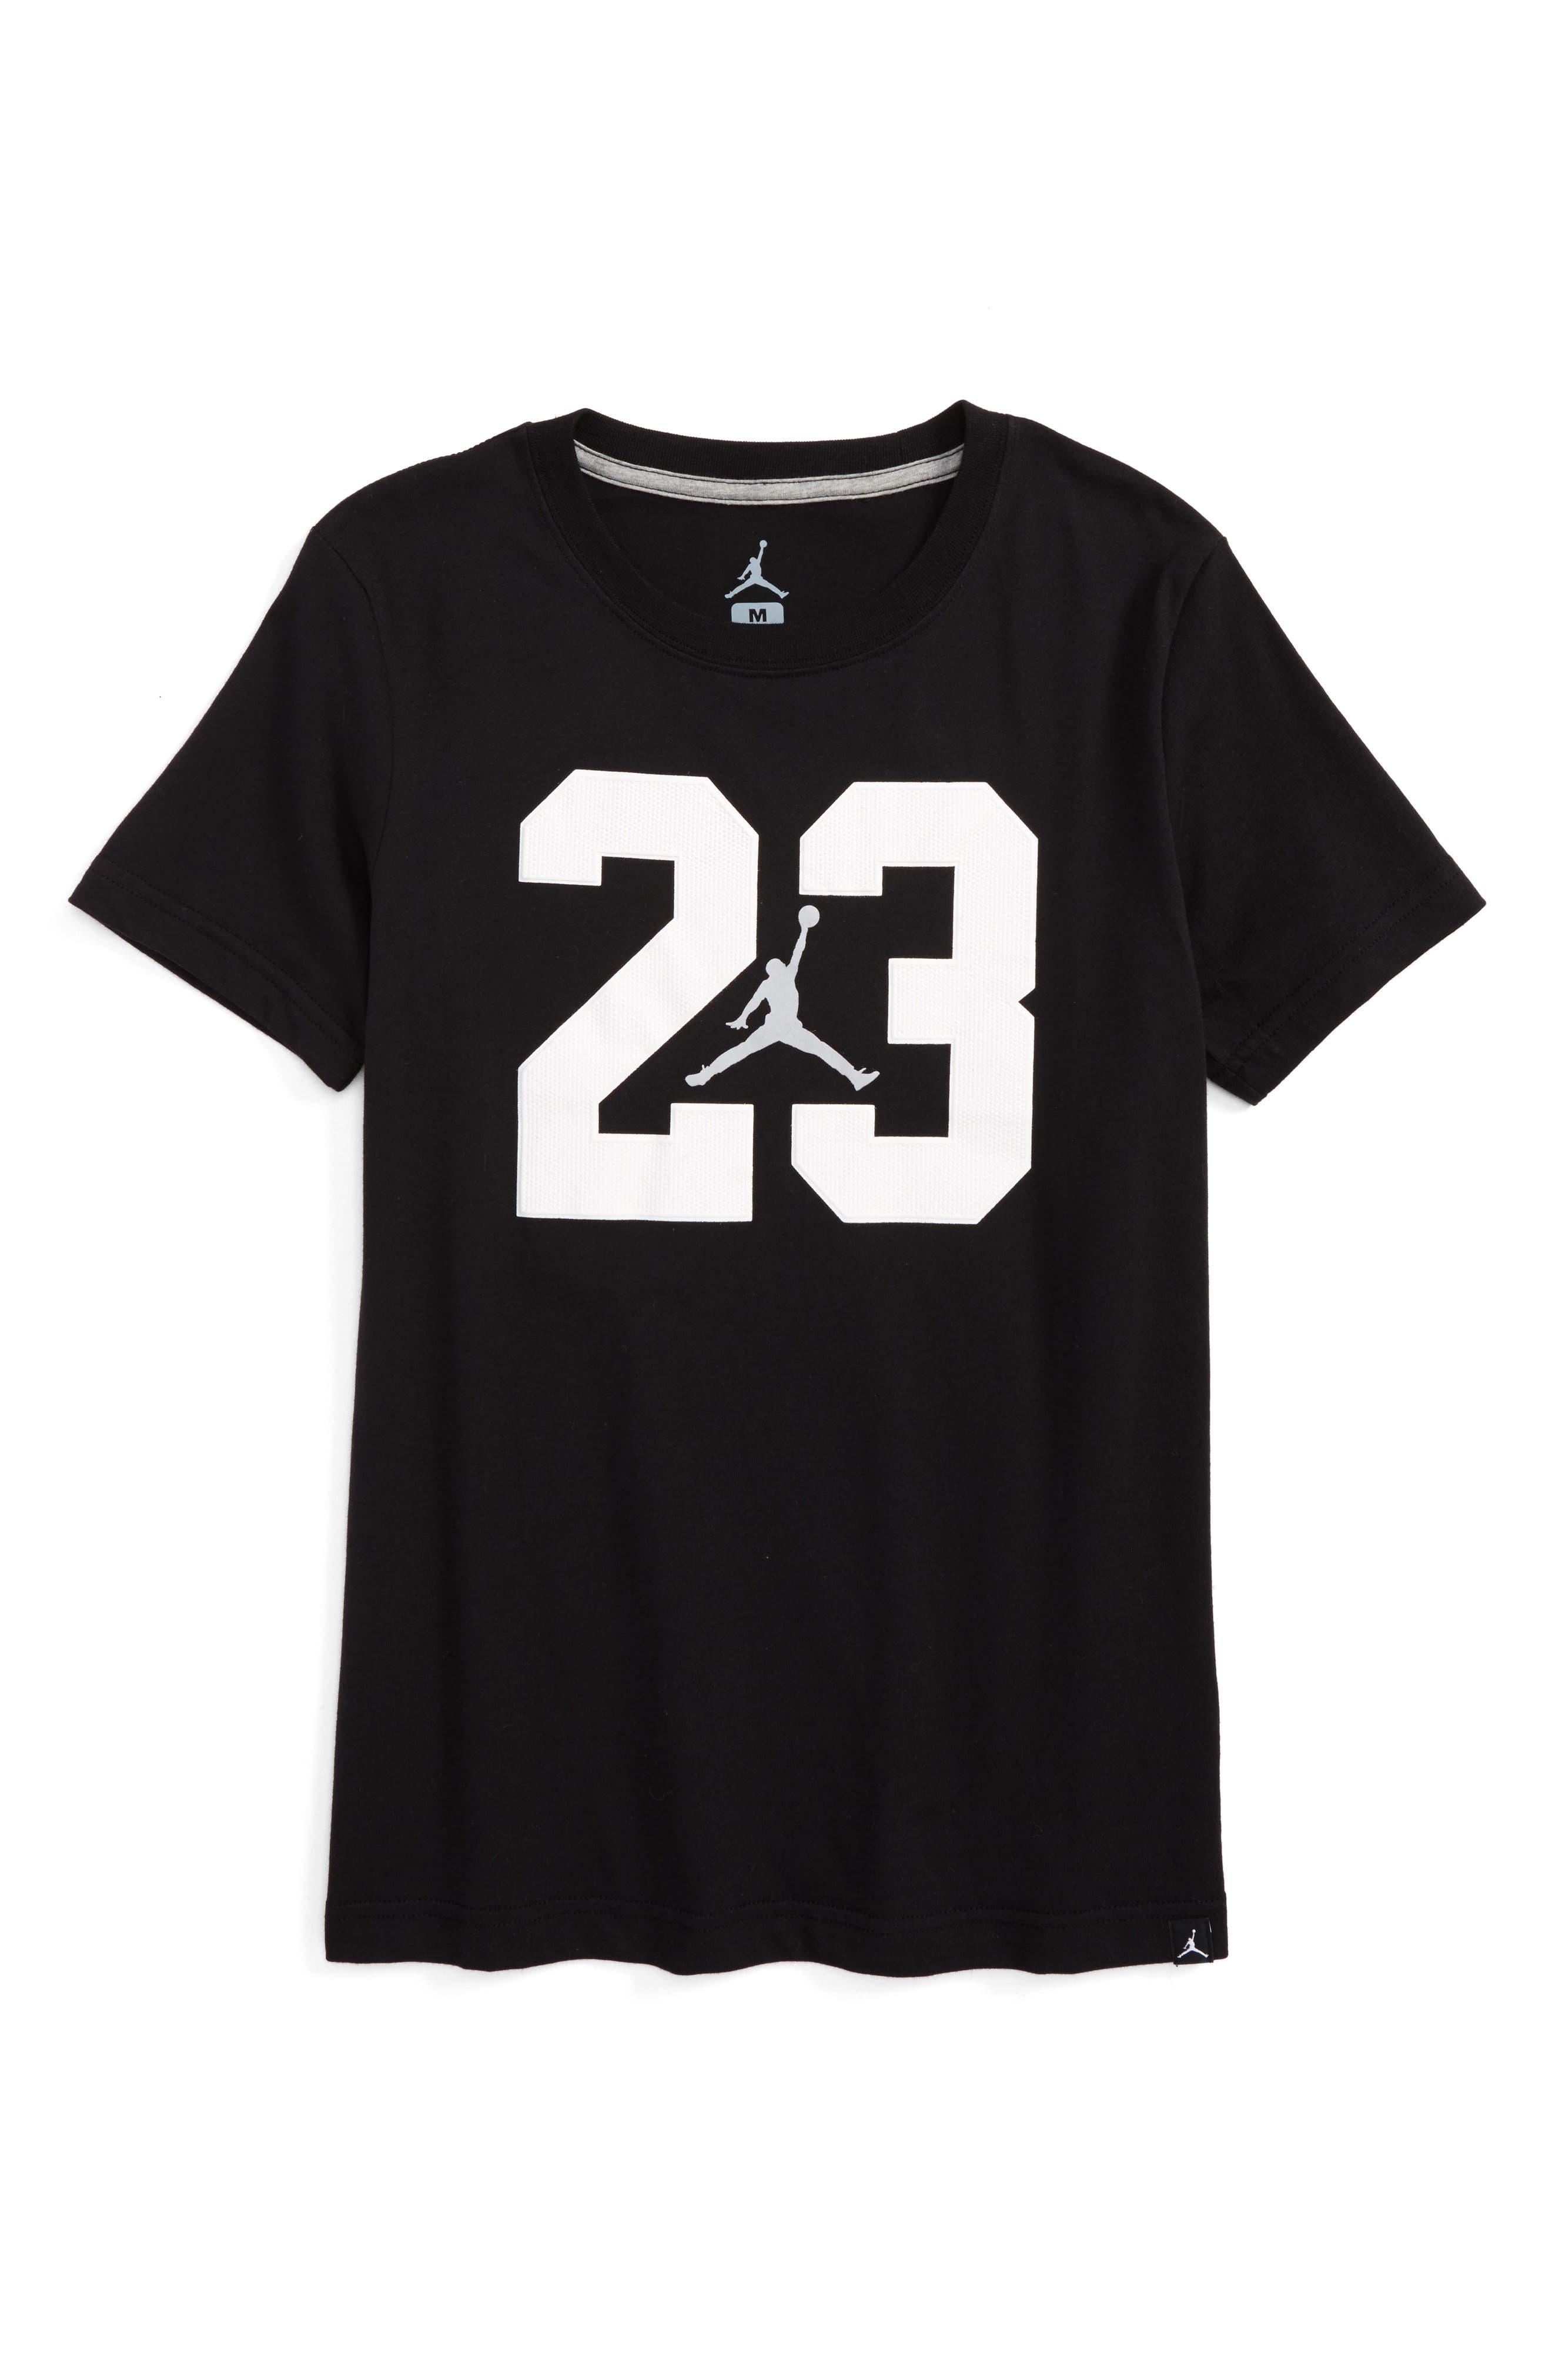 Jordan Iconic 23 Graphic T-Shirt (Big Boys)